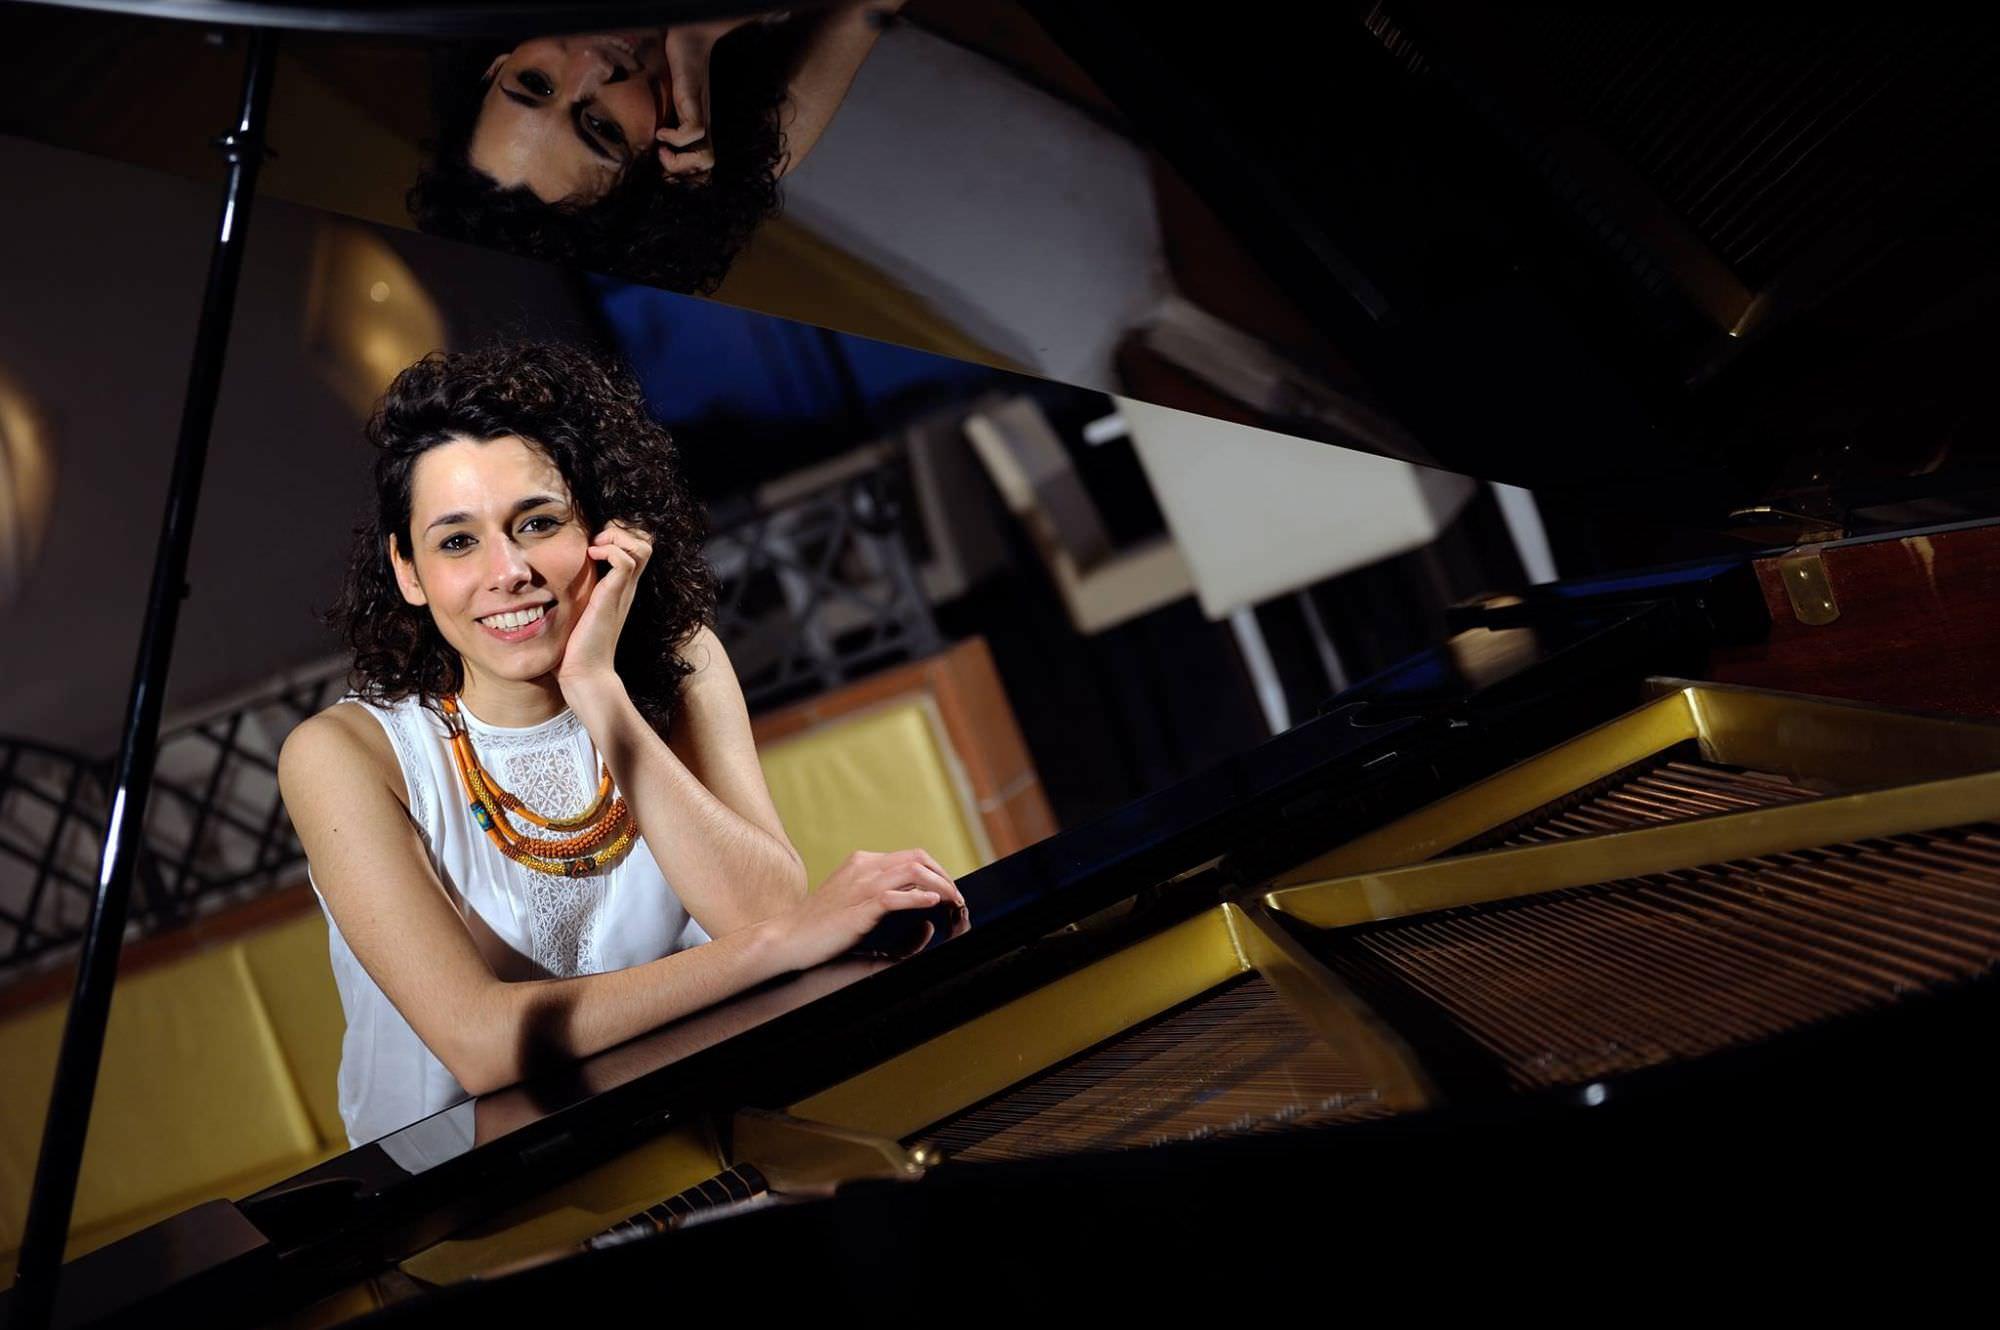 """La cantautrice viareggina Eleonora Tirrito sbarca in radio con il primo singolo """"Dove sarai"""""""